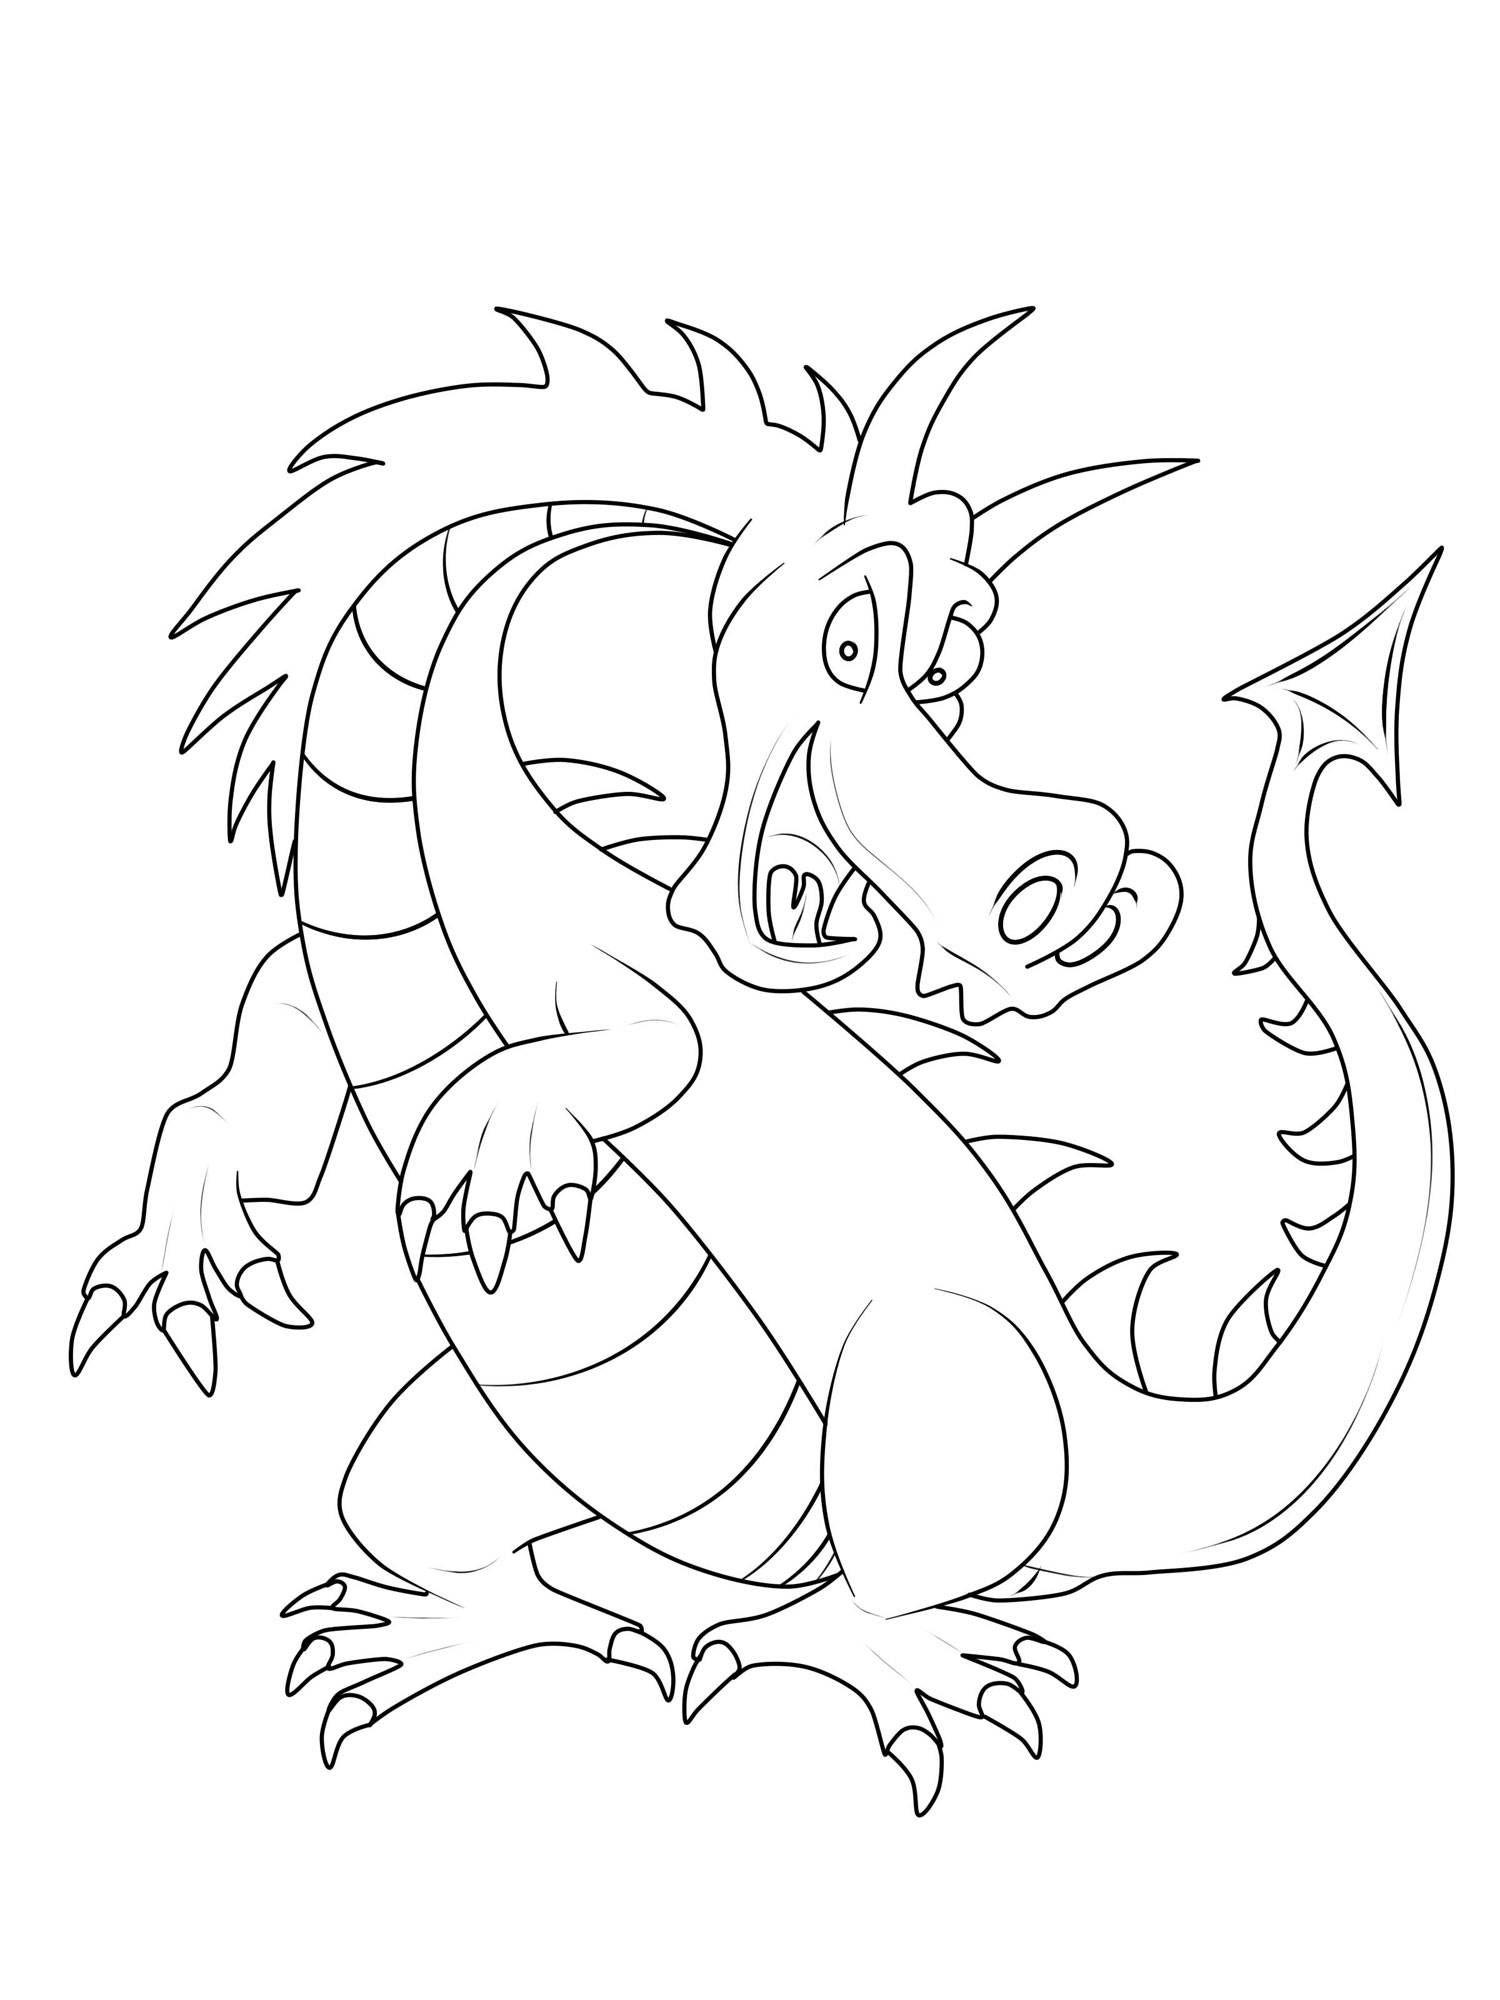 Ausmalbild Ritter und Drachen: Großer gefährlicher Drache